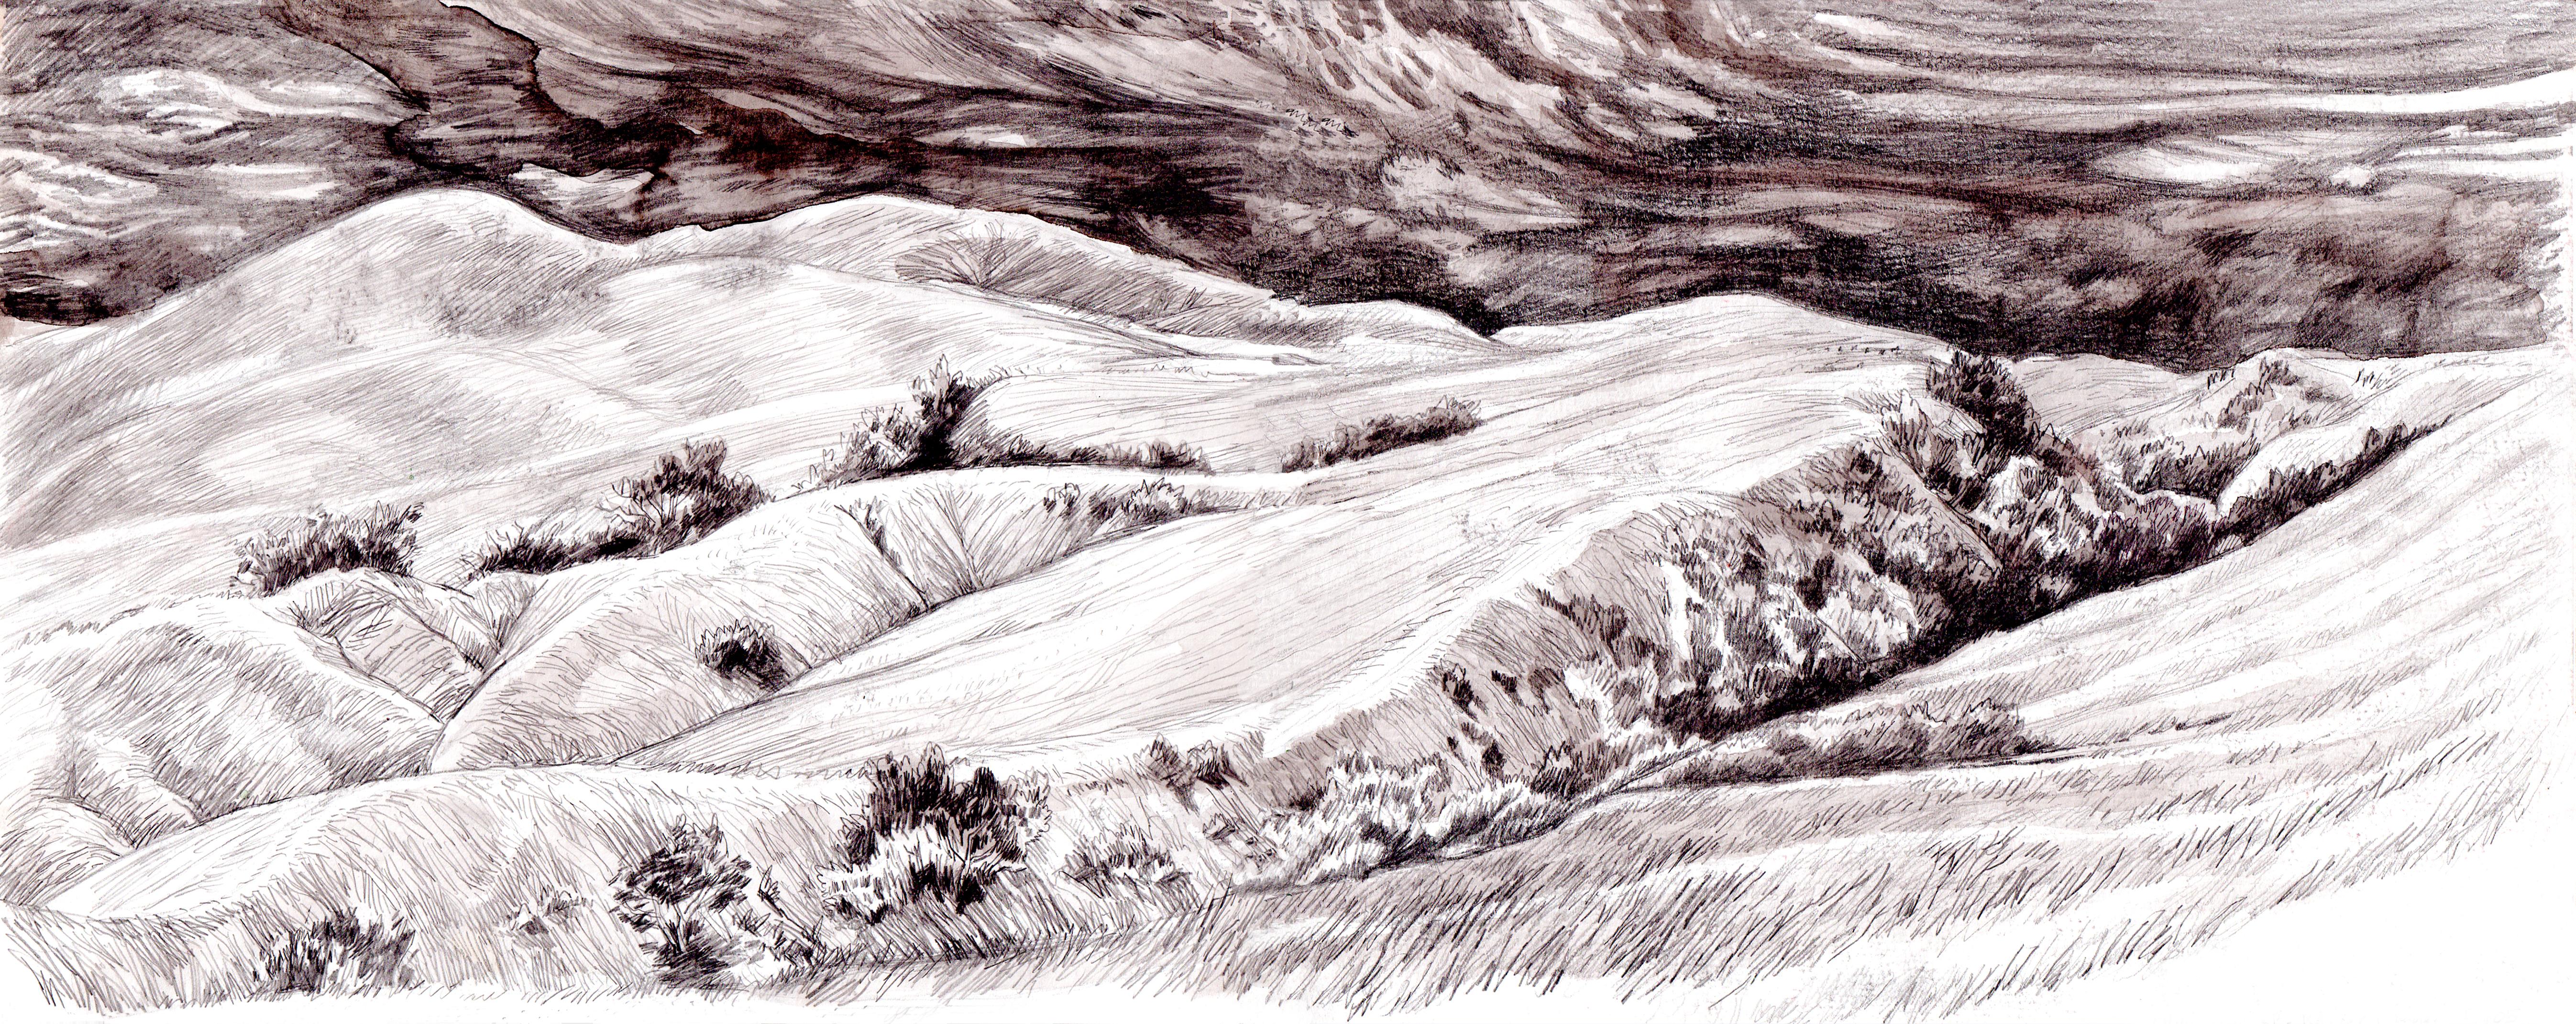 Chino Hills Raptor Ridge Storm